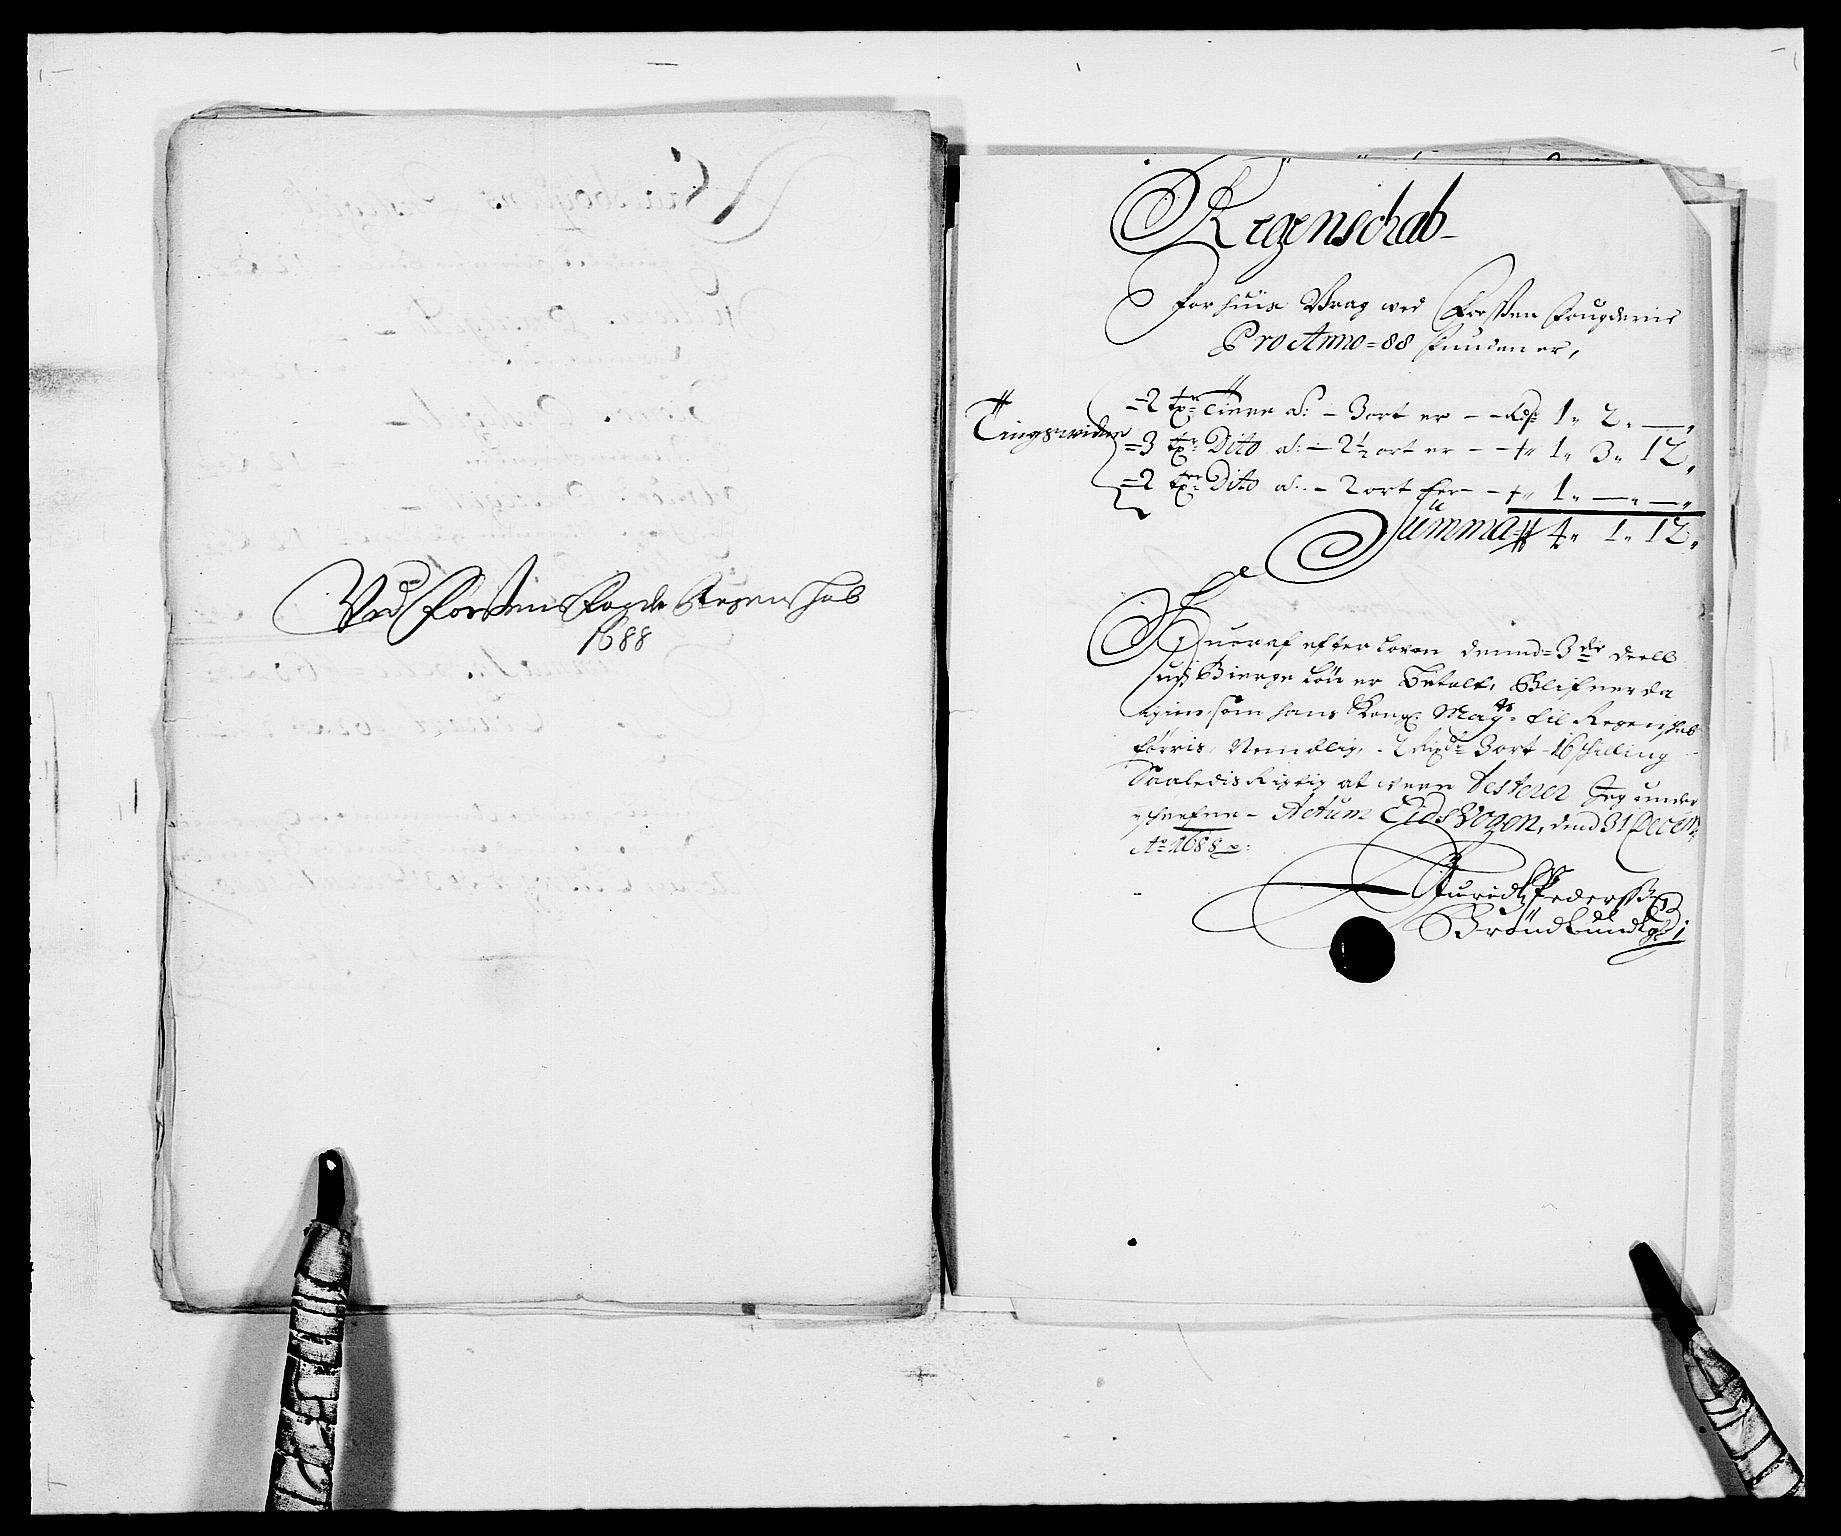 RA, Rentekammeret inntil 1814, Reviderte regnskaper, Fogderegnskap, R57/L3846: Fogderegnskap Fosen, 1688, s. 192